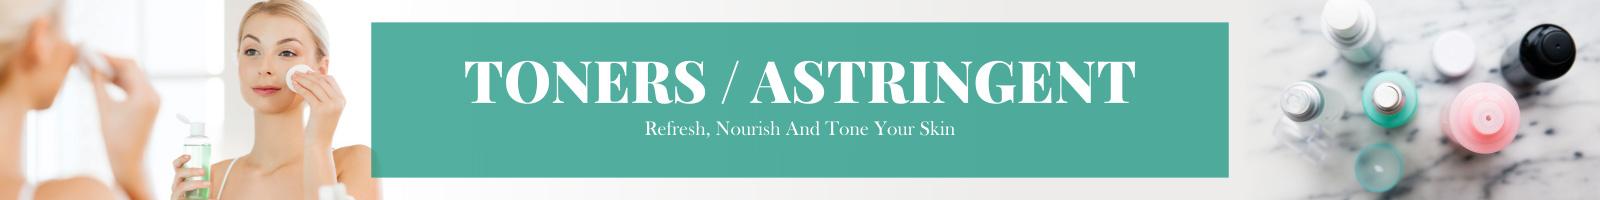 Toners & Astringents